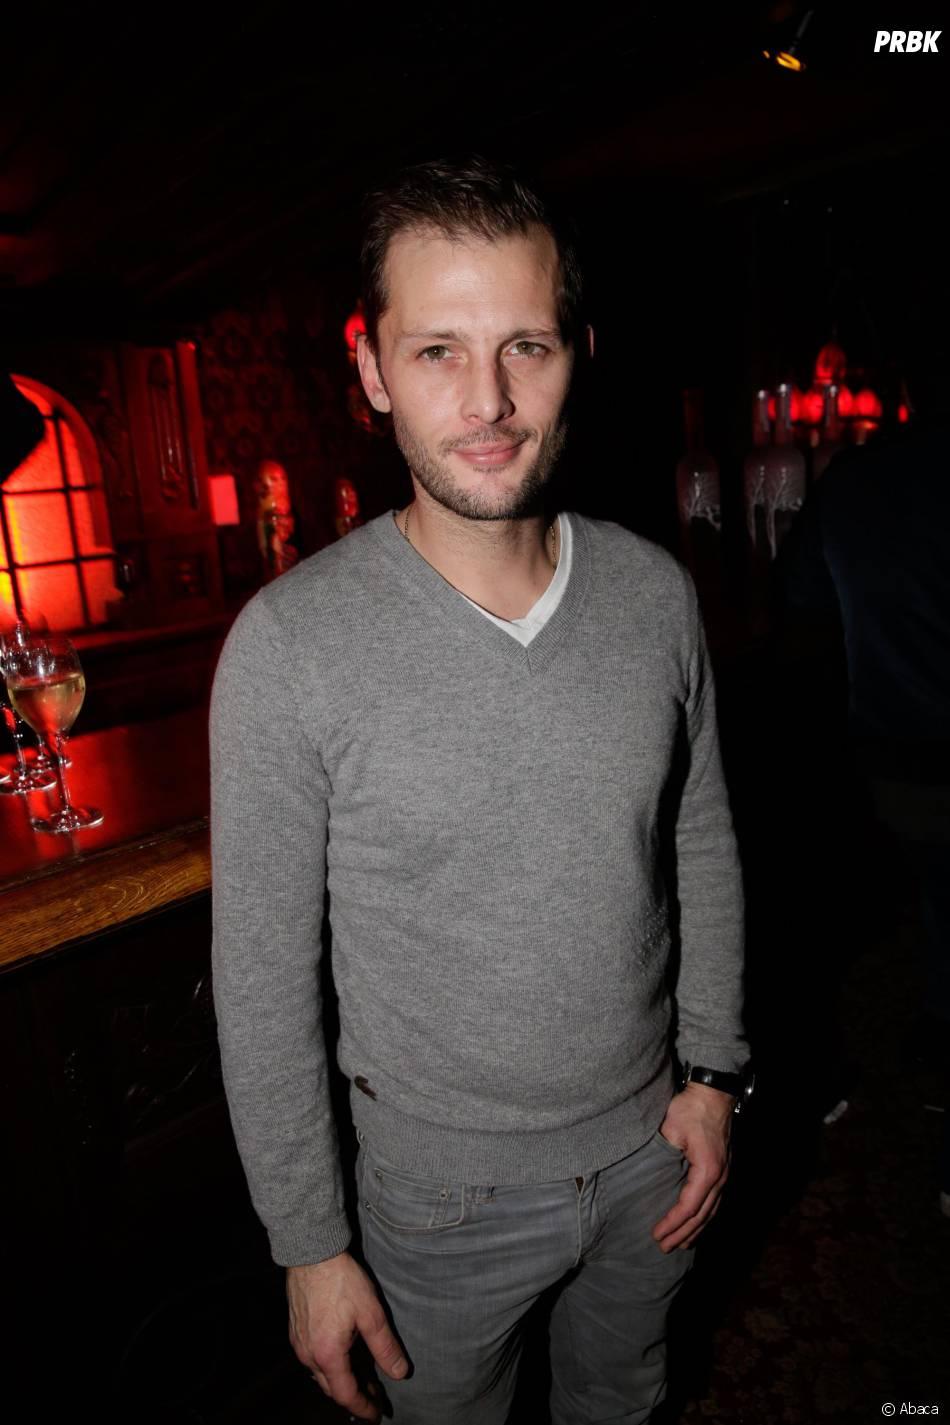 Nicolas Duvauchelle au casting de la version française de Broadchurch, Malaterra